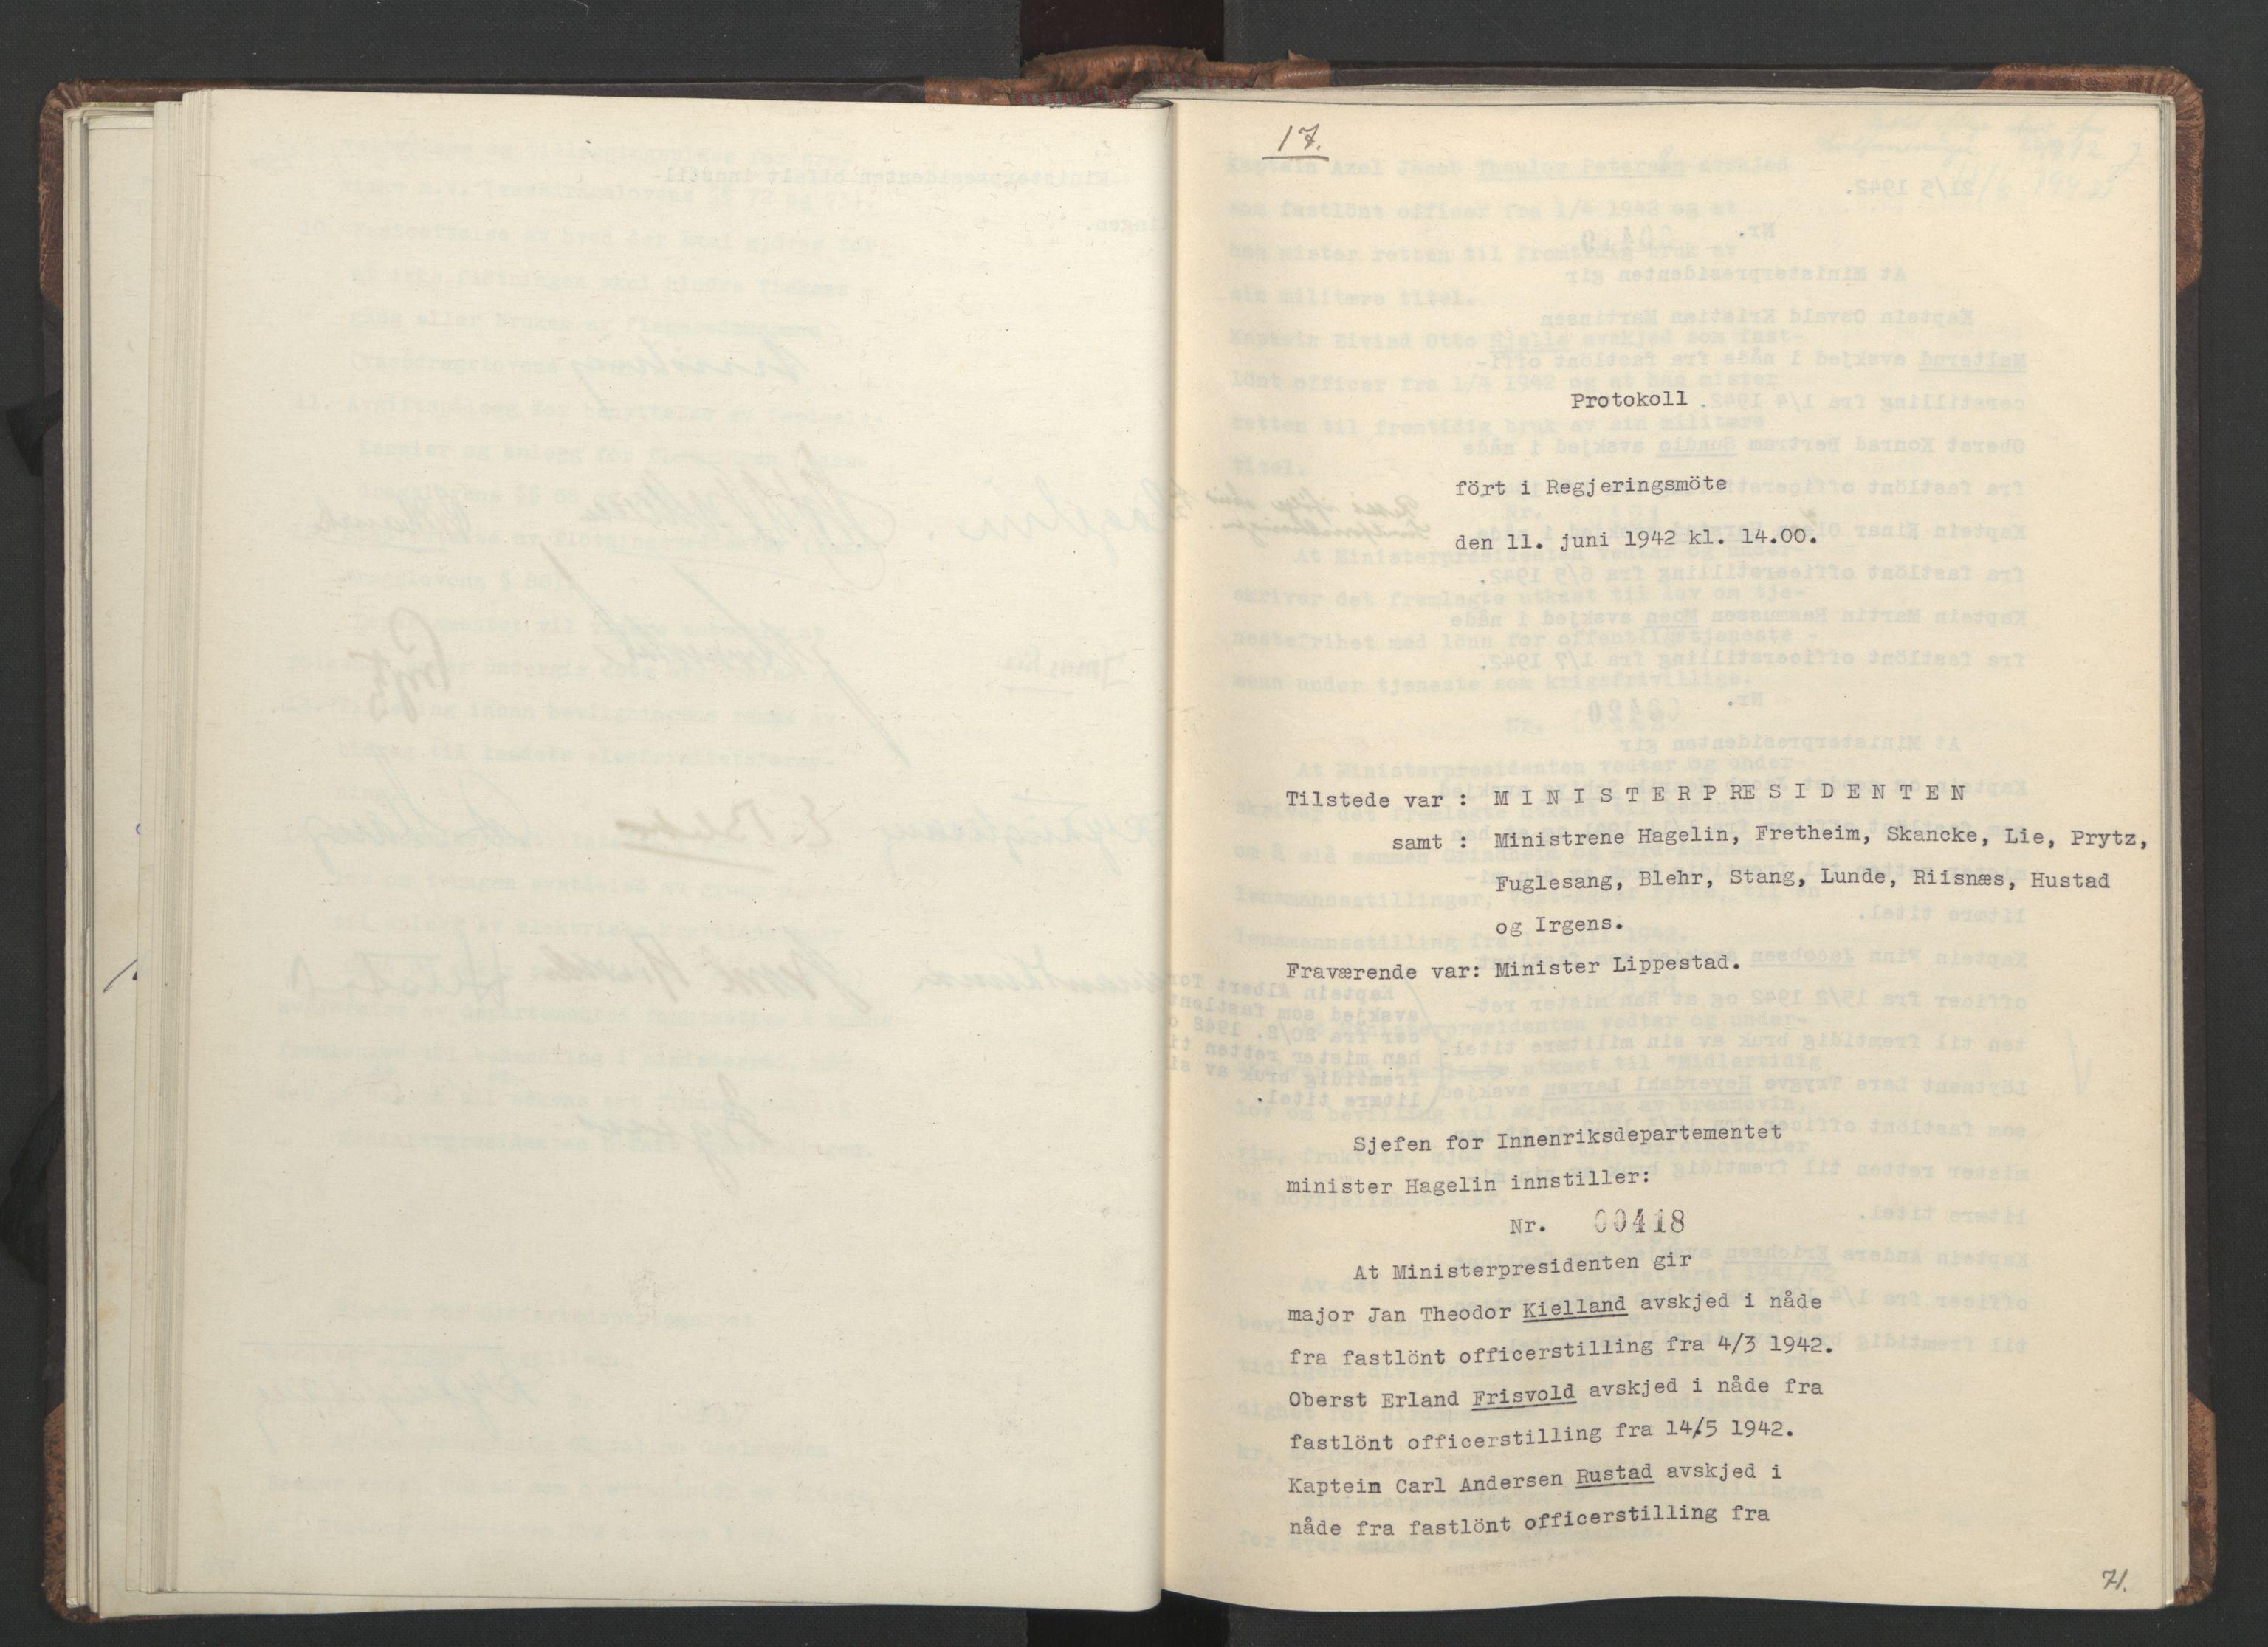 RA, NS-administrasjonen 1940-1945 (Statsrådsekretariatet, de kommisariske statsråder mm), D/Da/L0001: Beslutninger og tillegg (1-952 og 1-32), 1942, s. 70b-71a